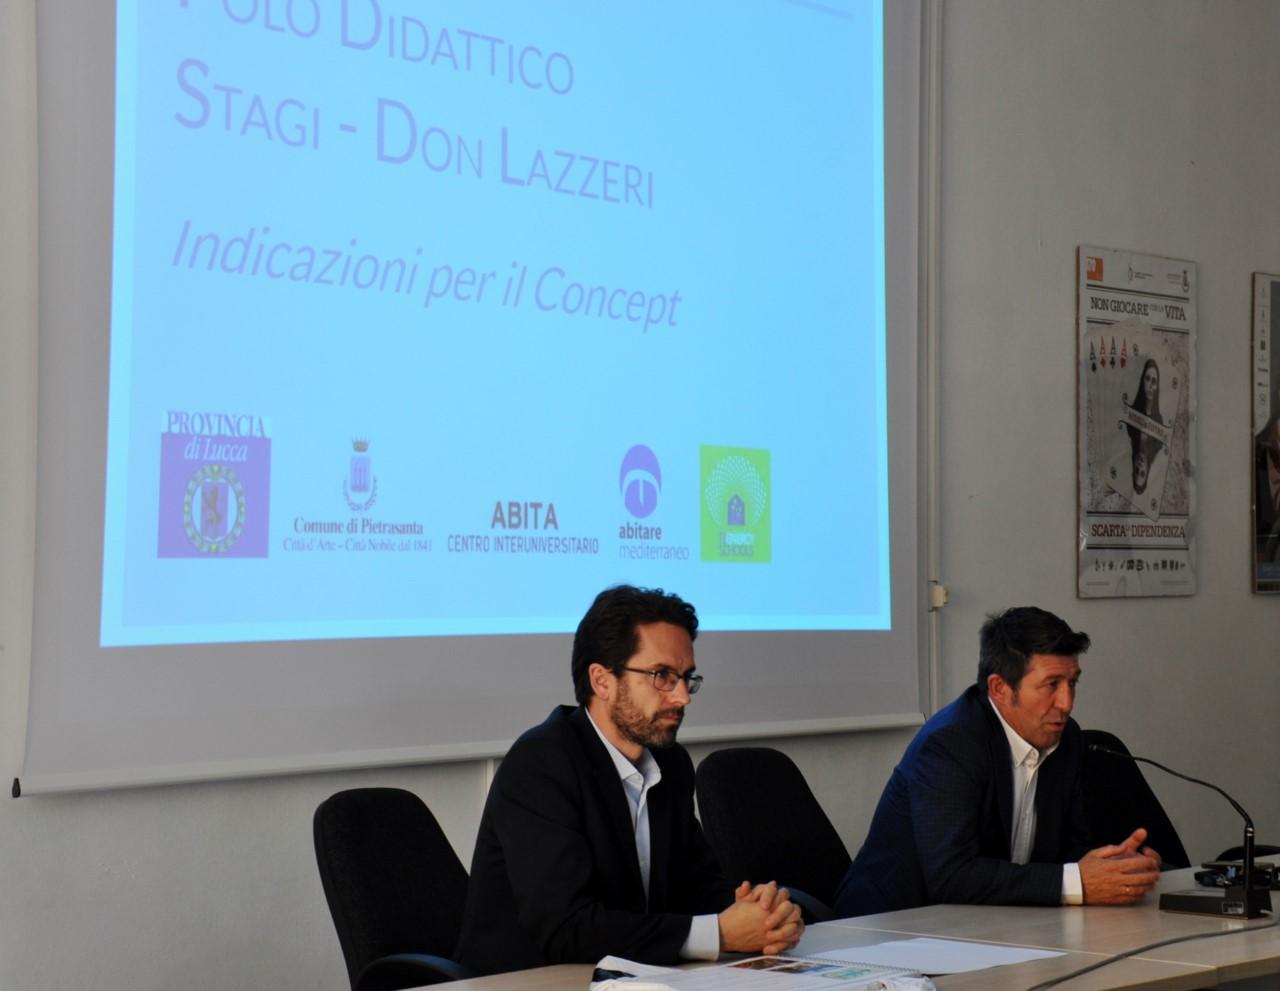 """Progetto avveniristico per lo """"Stagi-Don Lazzeri"""""""